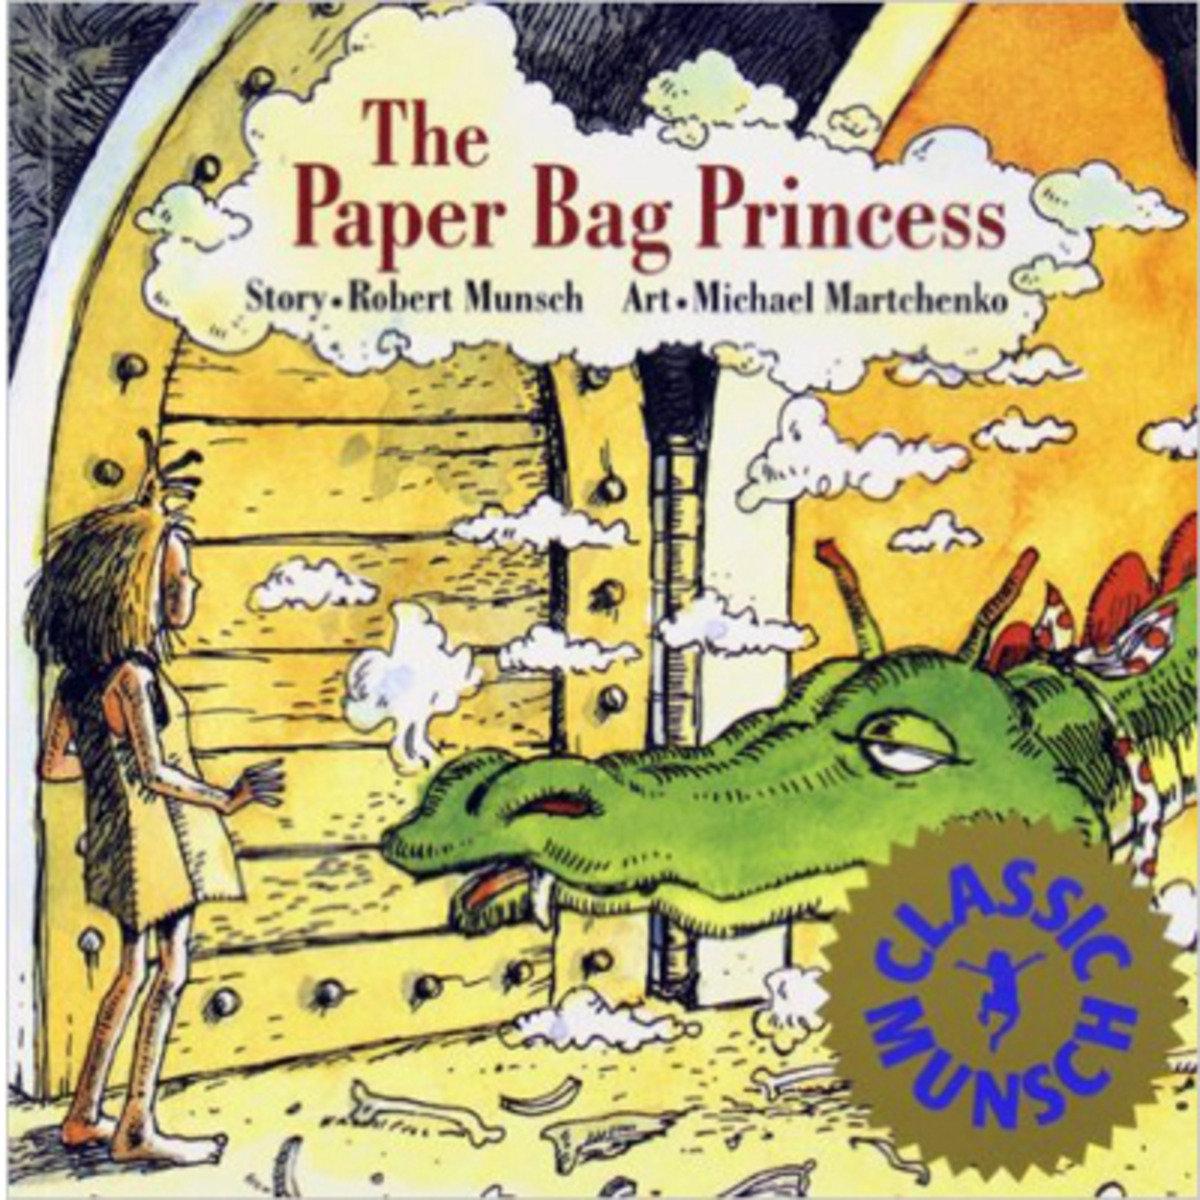 THE PAPER BAG PRINCESS 9780920236161